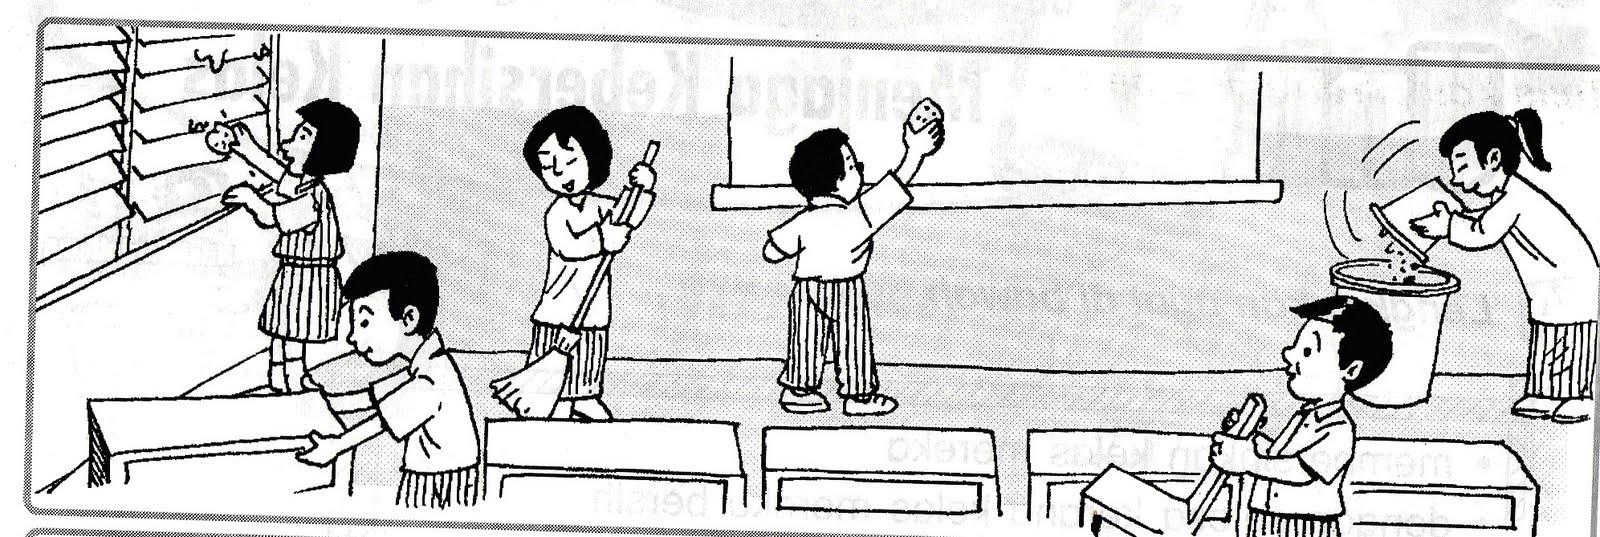 berharap rakan-rakan memberikan kerjasama demi kebaikan kelas